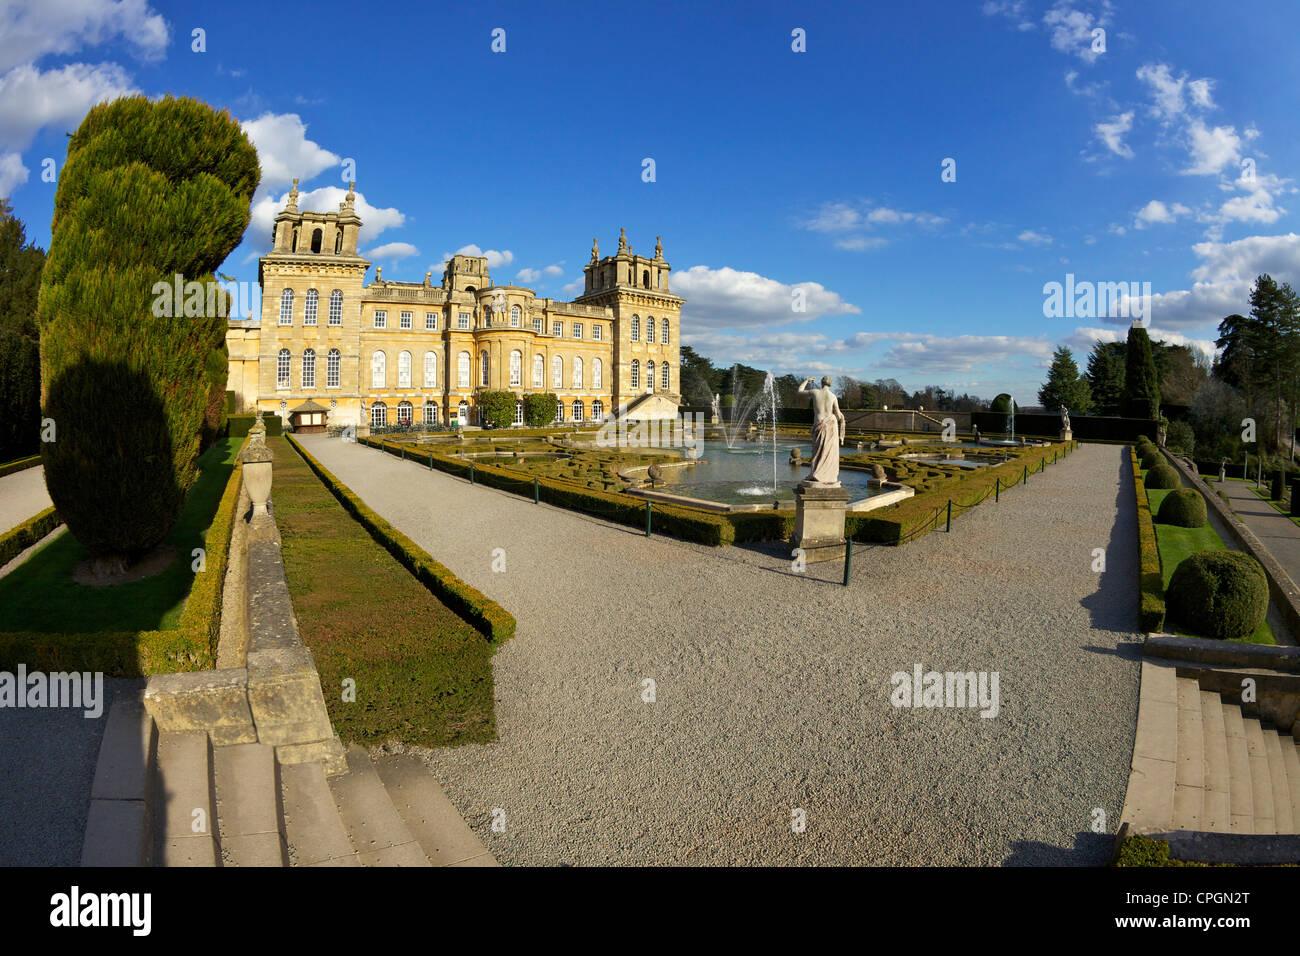 Blenheim Palace, Woodstock, Oxfordshire, England, UK, United Kingdom, British Isles, GB, Great Britain, Europe - Stock Image